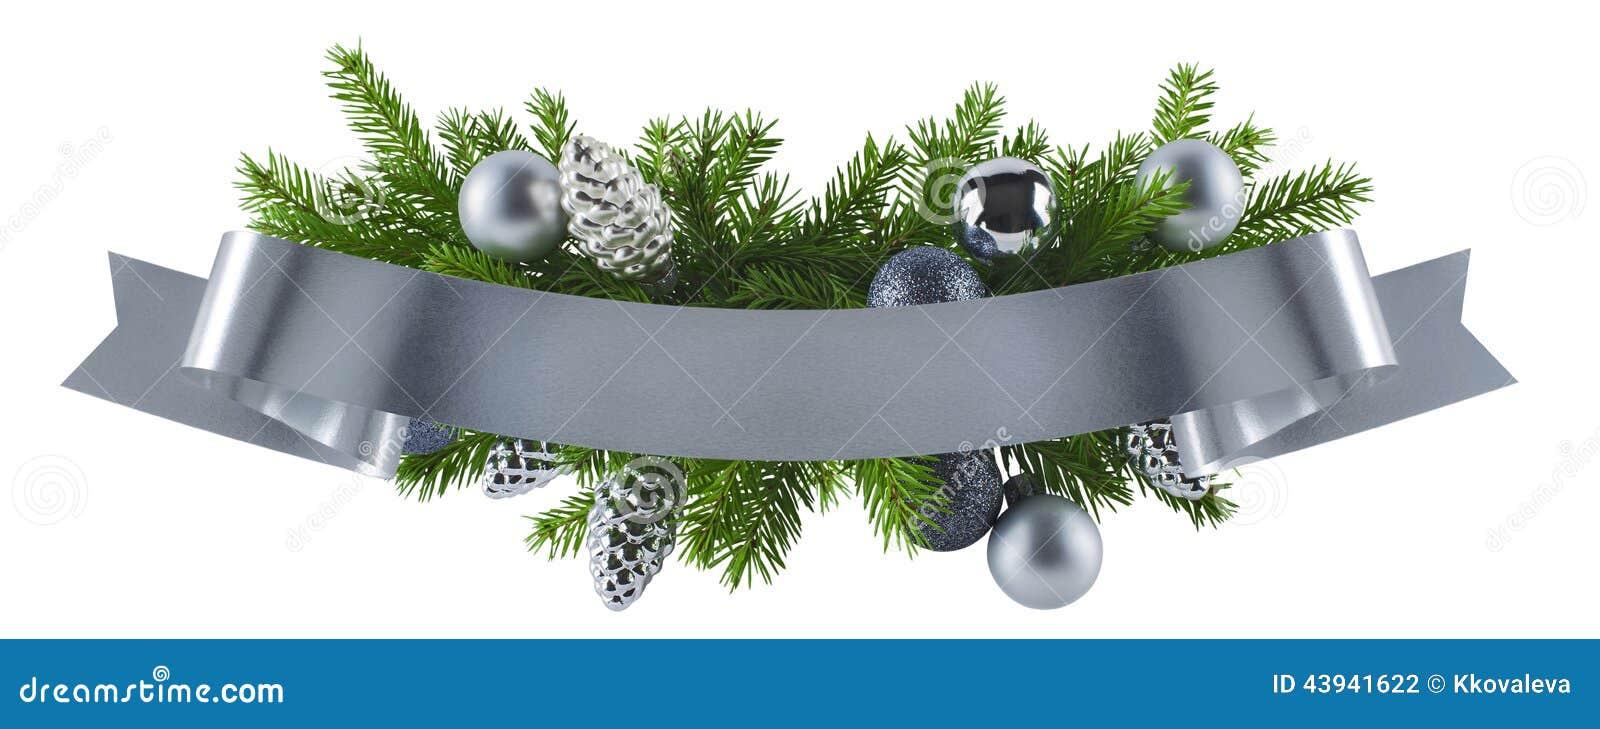 Decoration Pour Menu De Noel.Festive Rich Christmas Silver Decoration Element Stock Photo